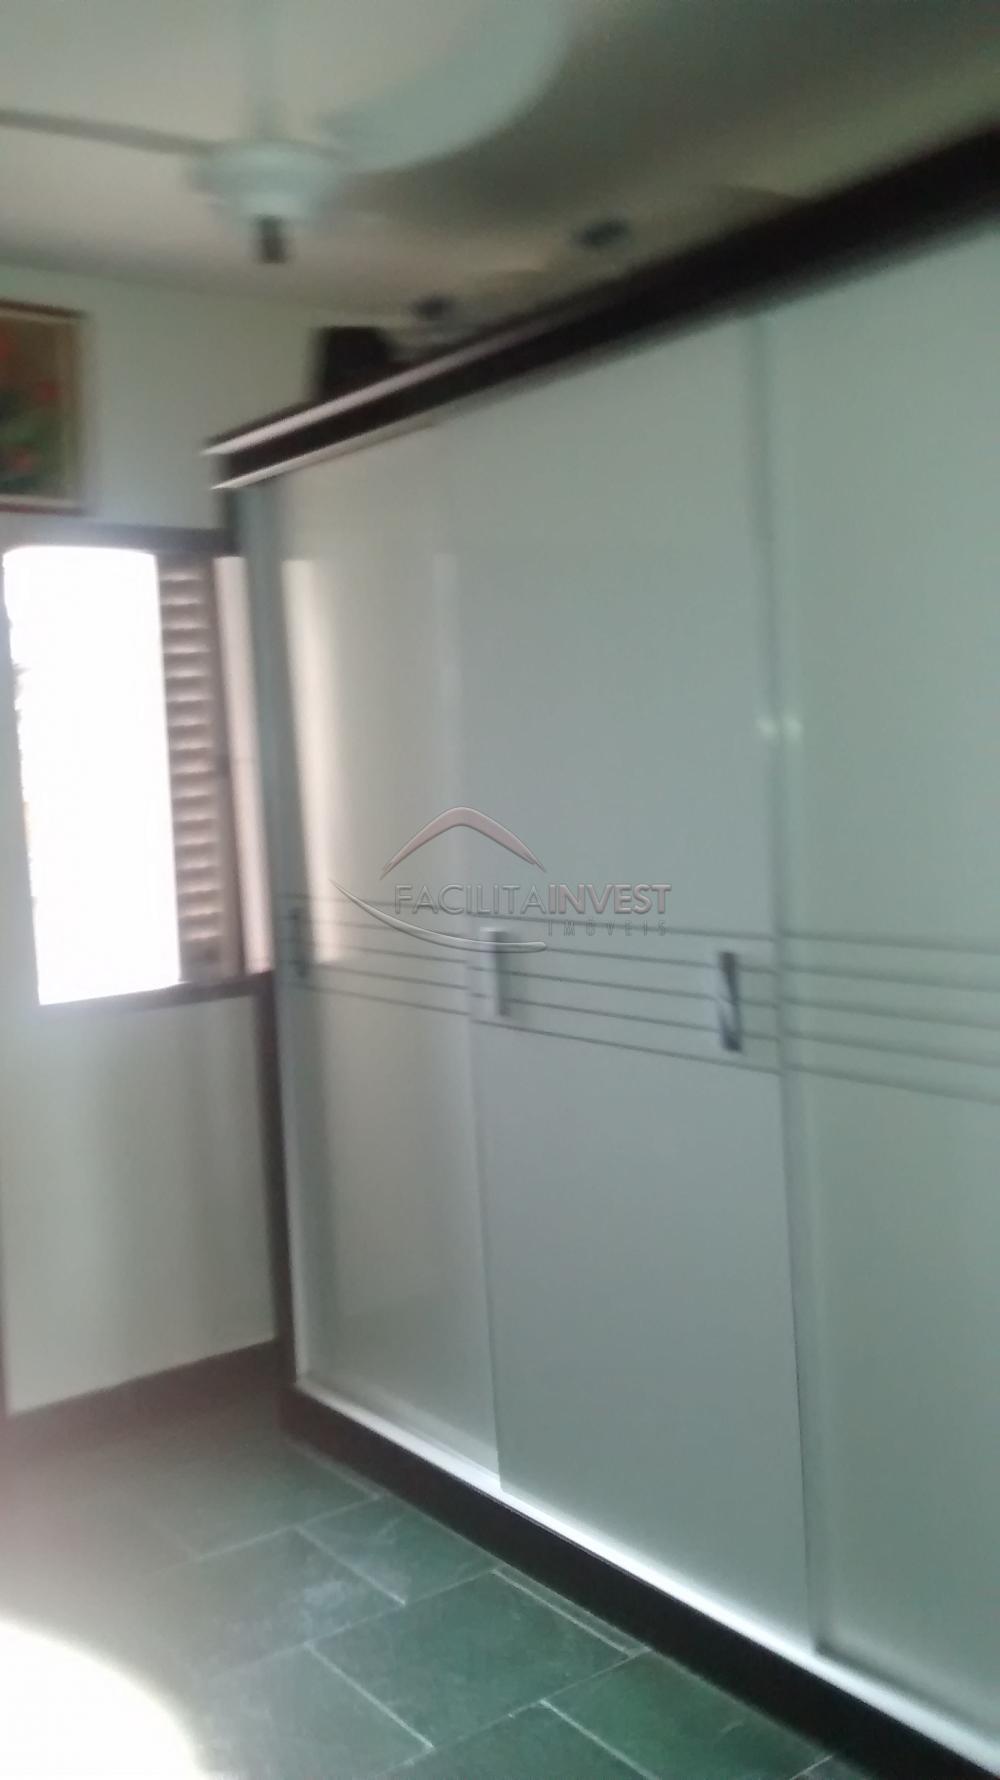 Comprar Apartamentos / Apartamento Mobiliado em Ribeirão Preto apenas R$ 250.000,00 - Foto 6